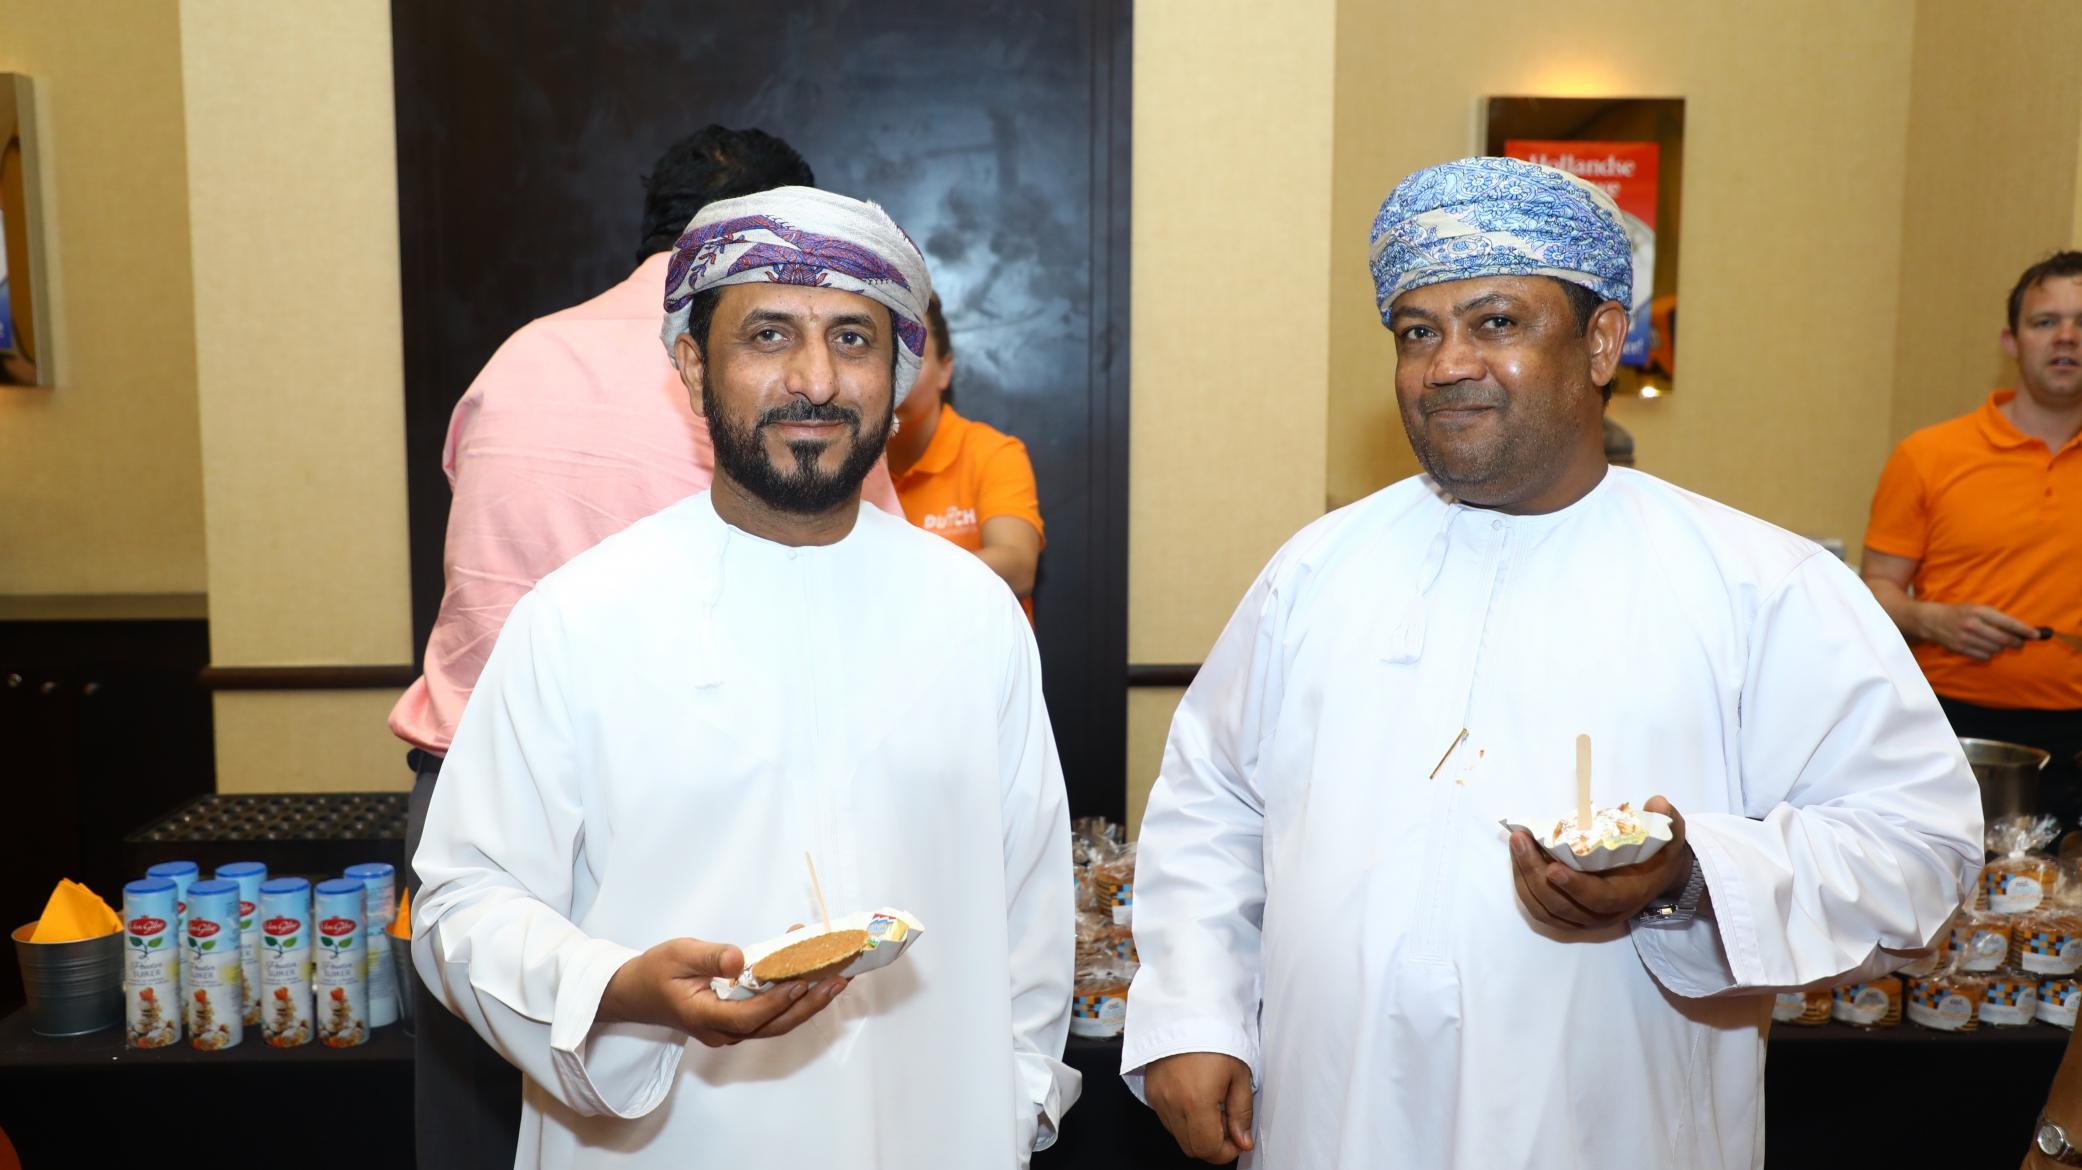 DFC in Oman